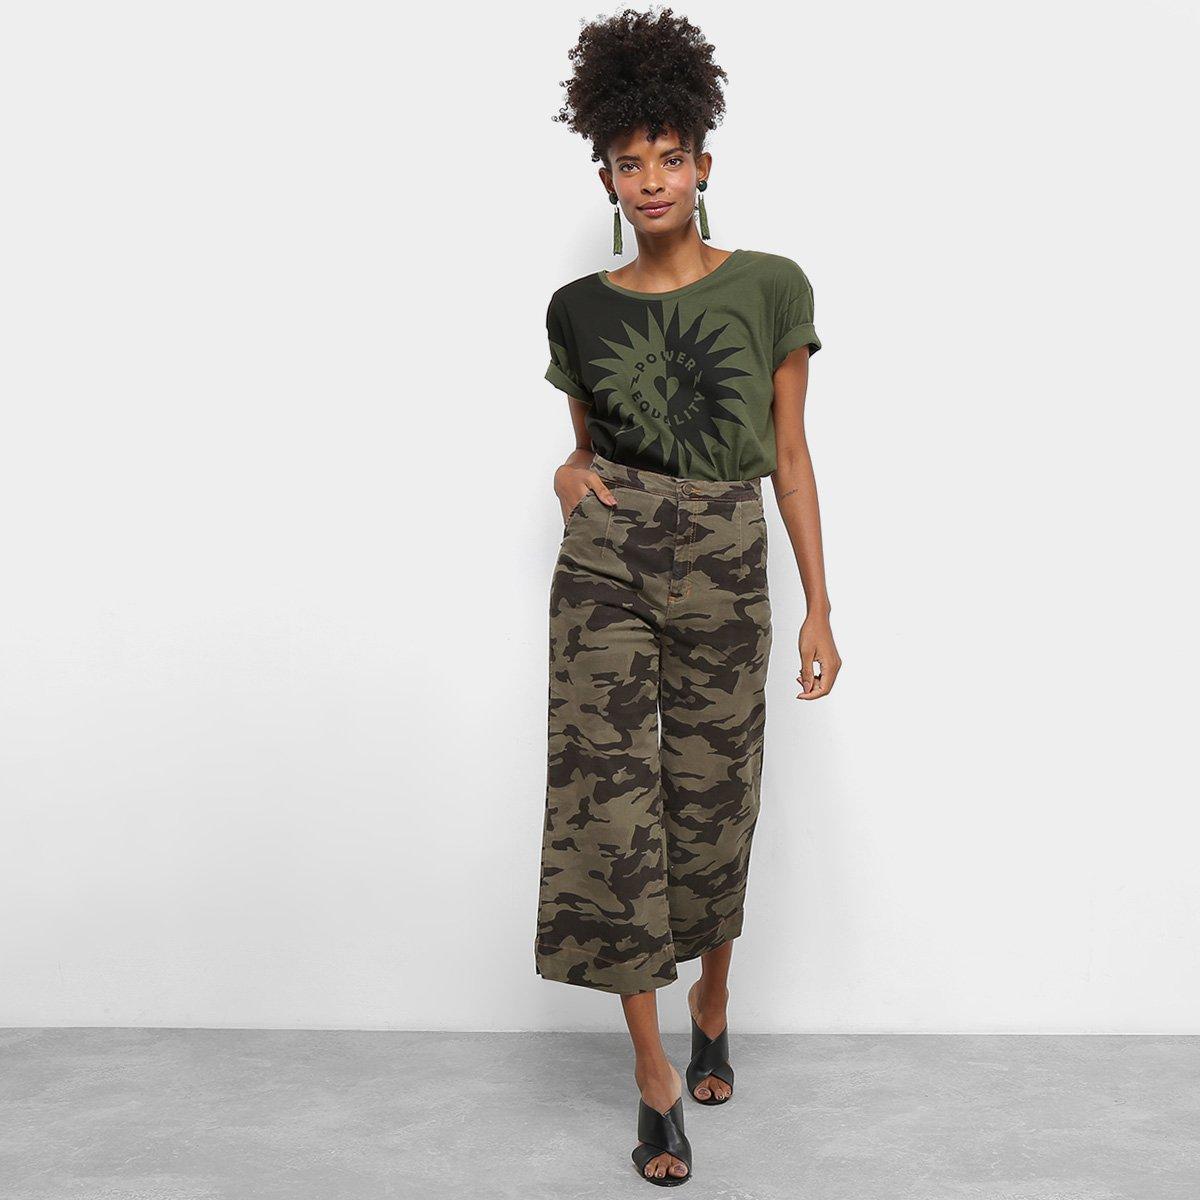 Calça Sarja Pantacourt Cantão Cintura Alta Camuflada Feminina - Verde Militar e Bege